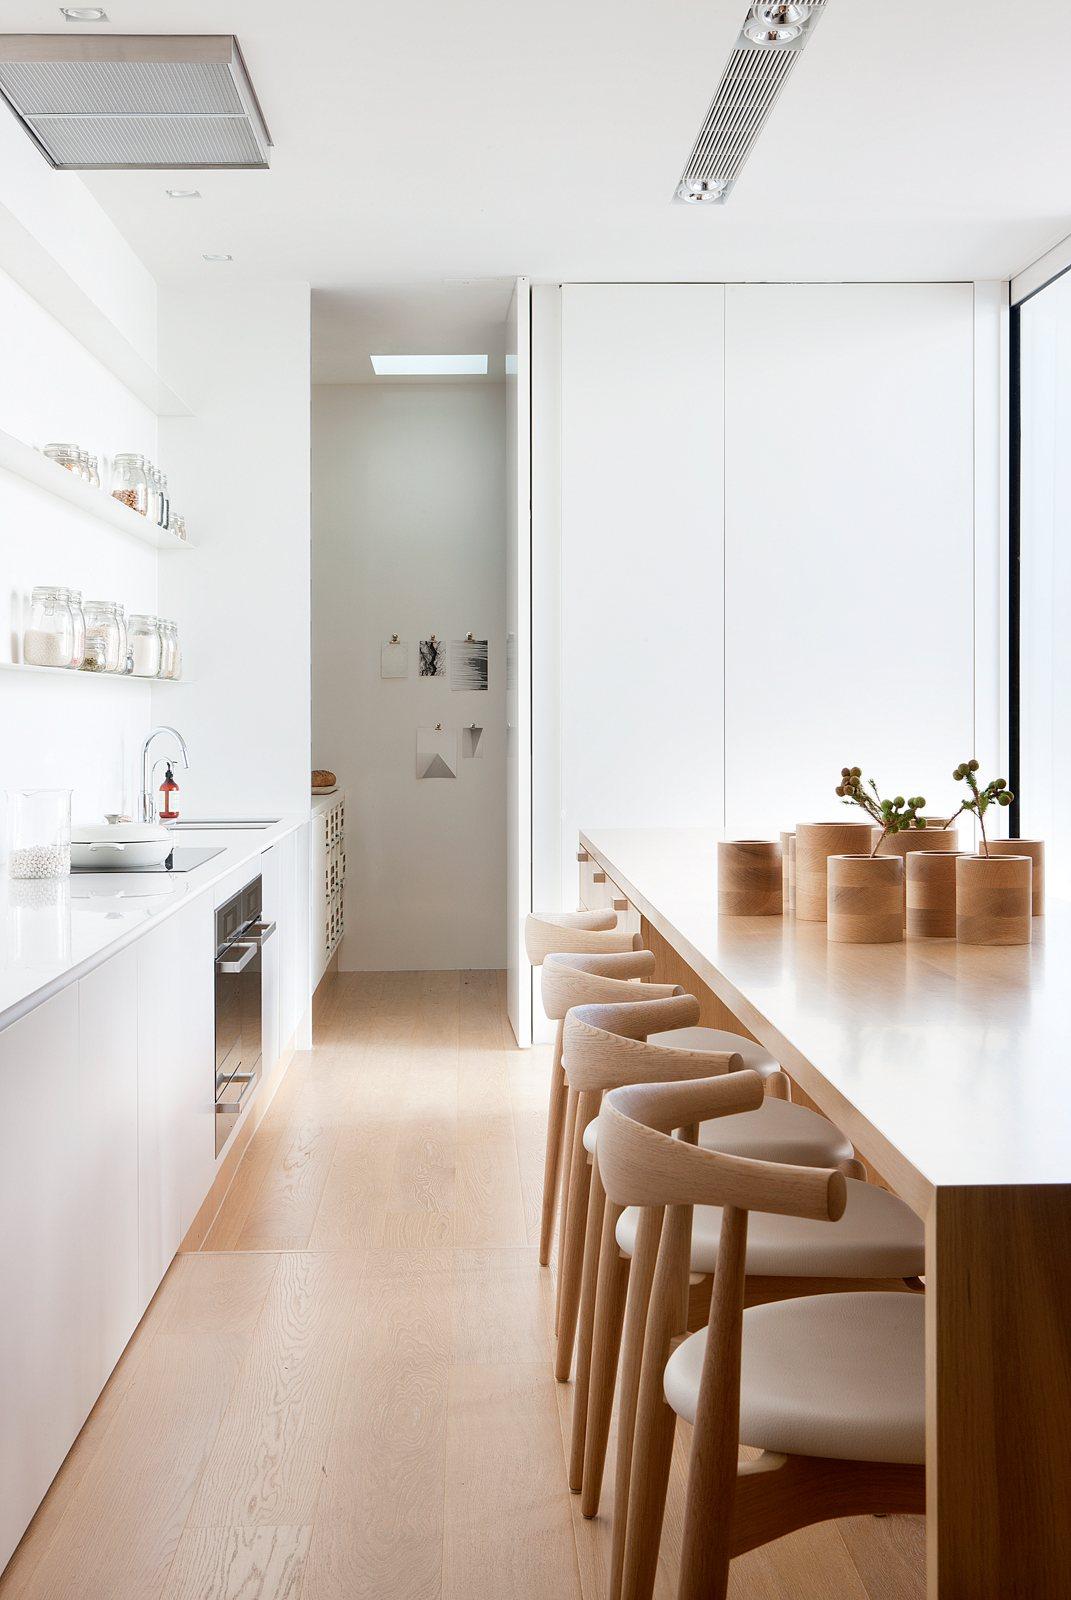 Decoraci n de un interior contempor neo y minimalista con for Decoracion casa minimalista